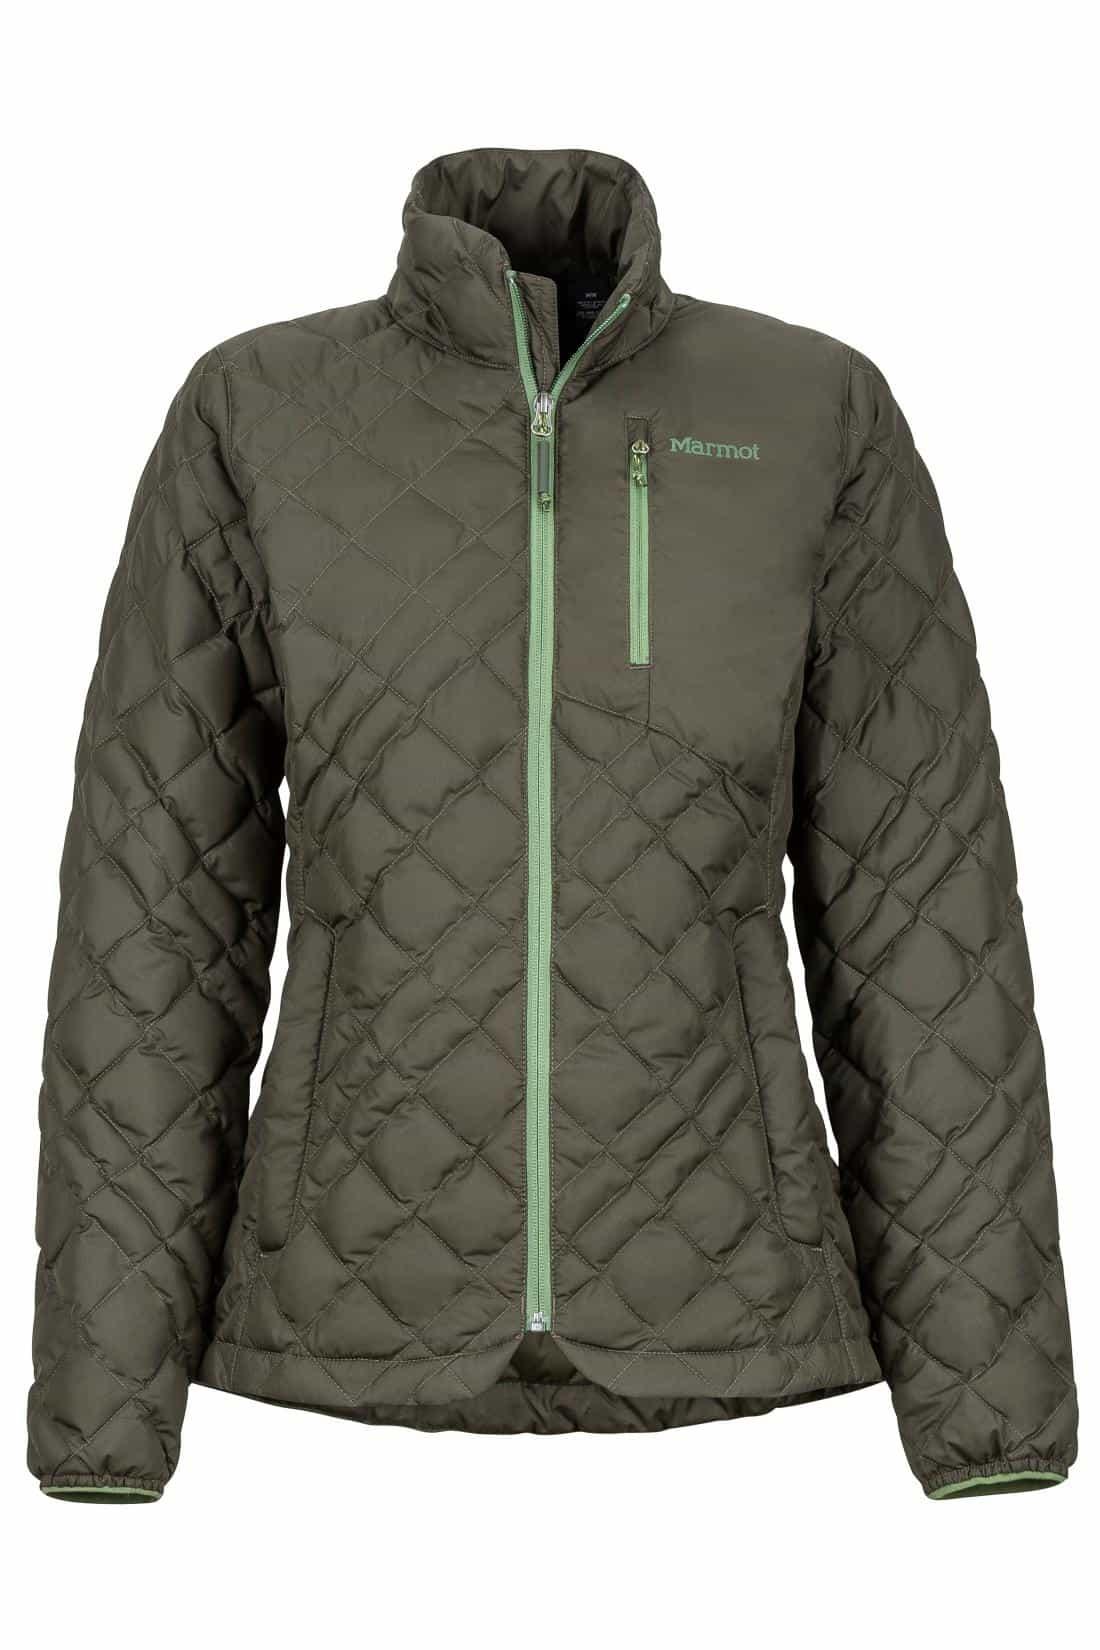 Marmot-Istari Jacket - Women's